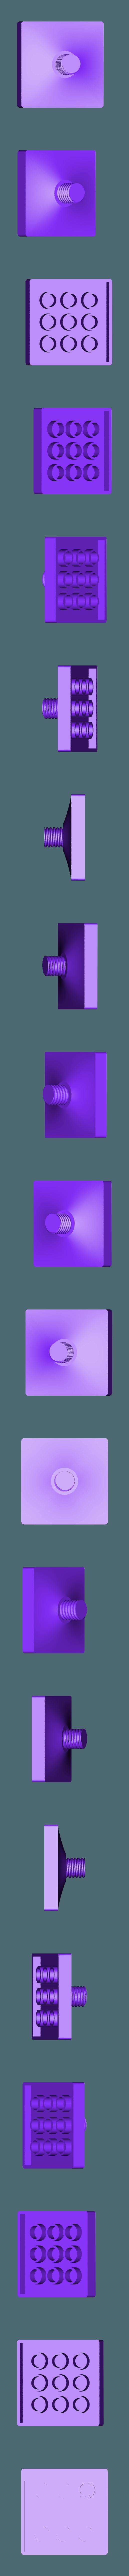 Feu2_socle_carre_Lego.stl Télécharger fichier STL gratuit Feu tricolore - Feu tricolore • Modèle à imprimer en 3D, jeek25